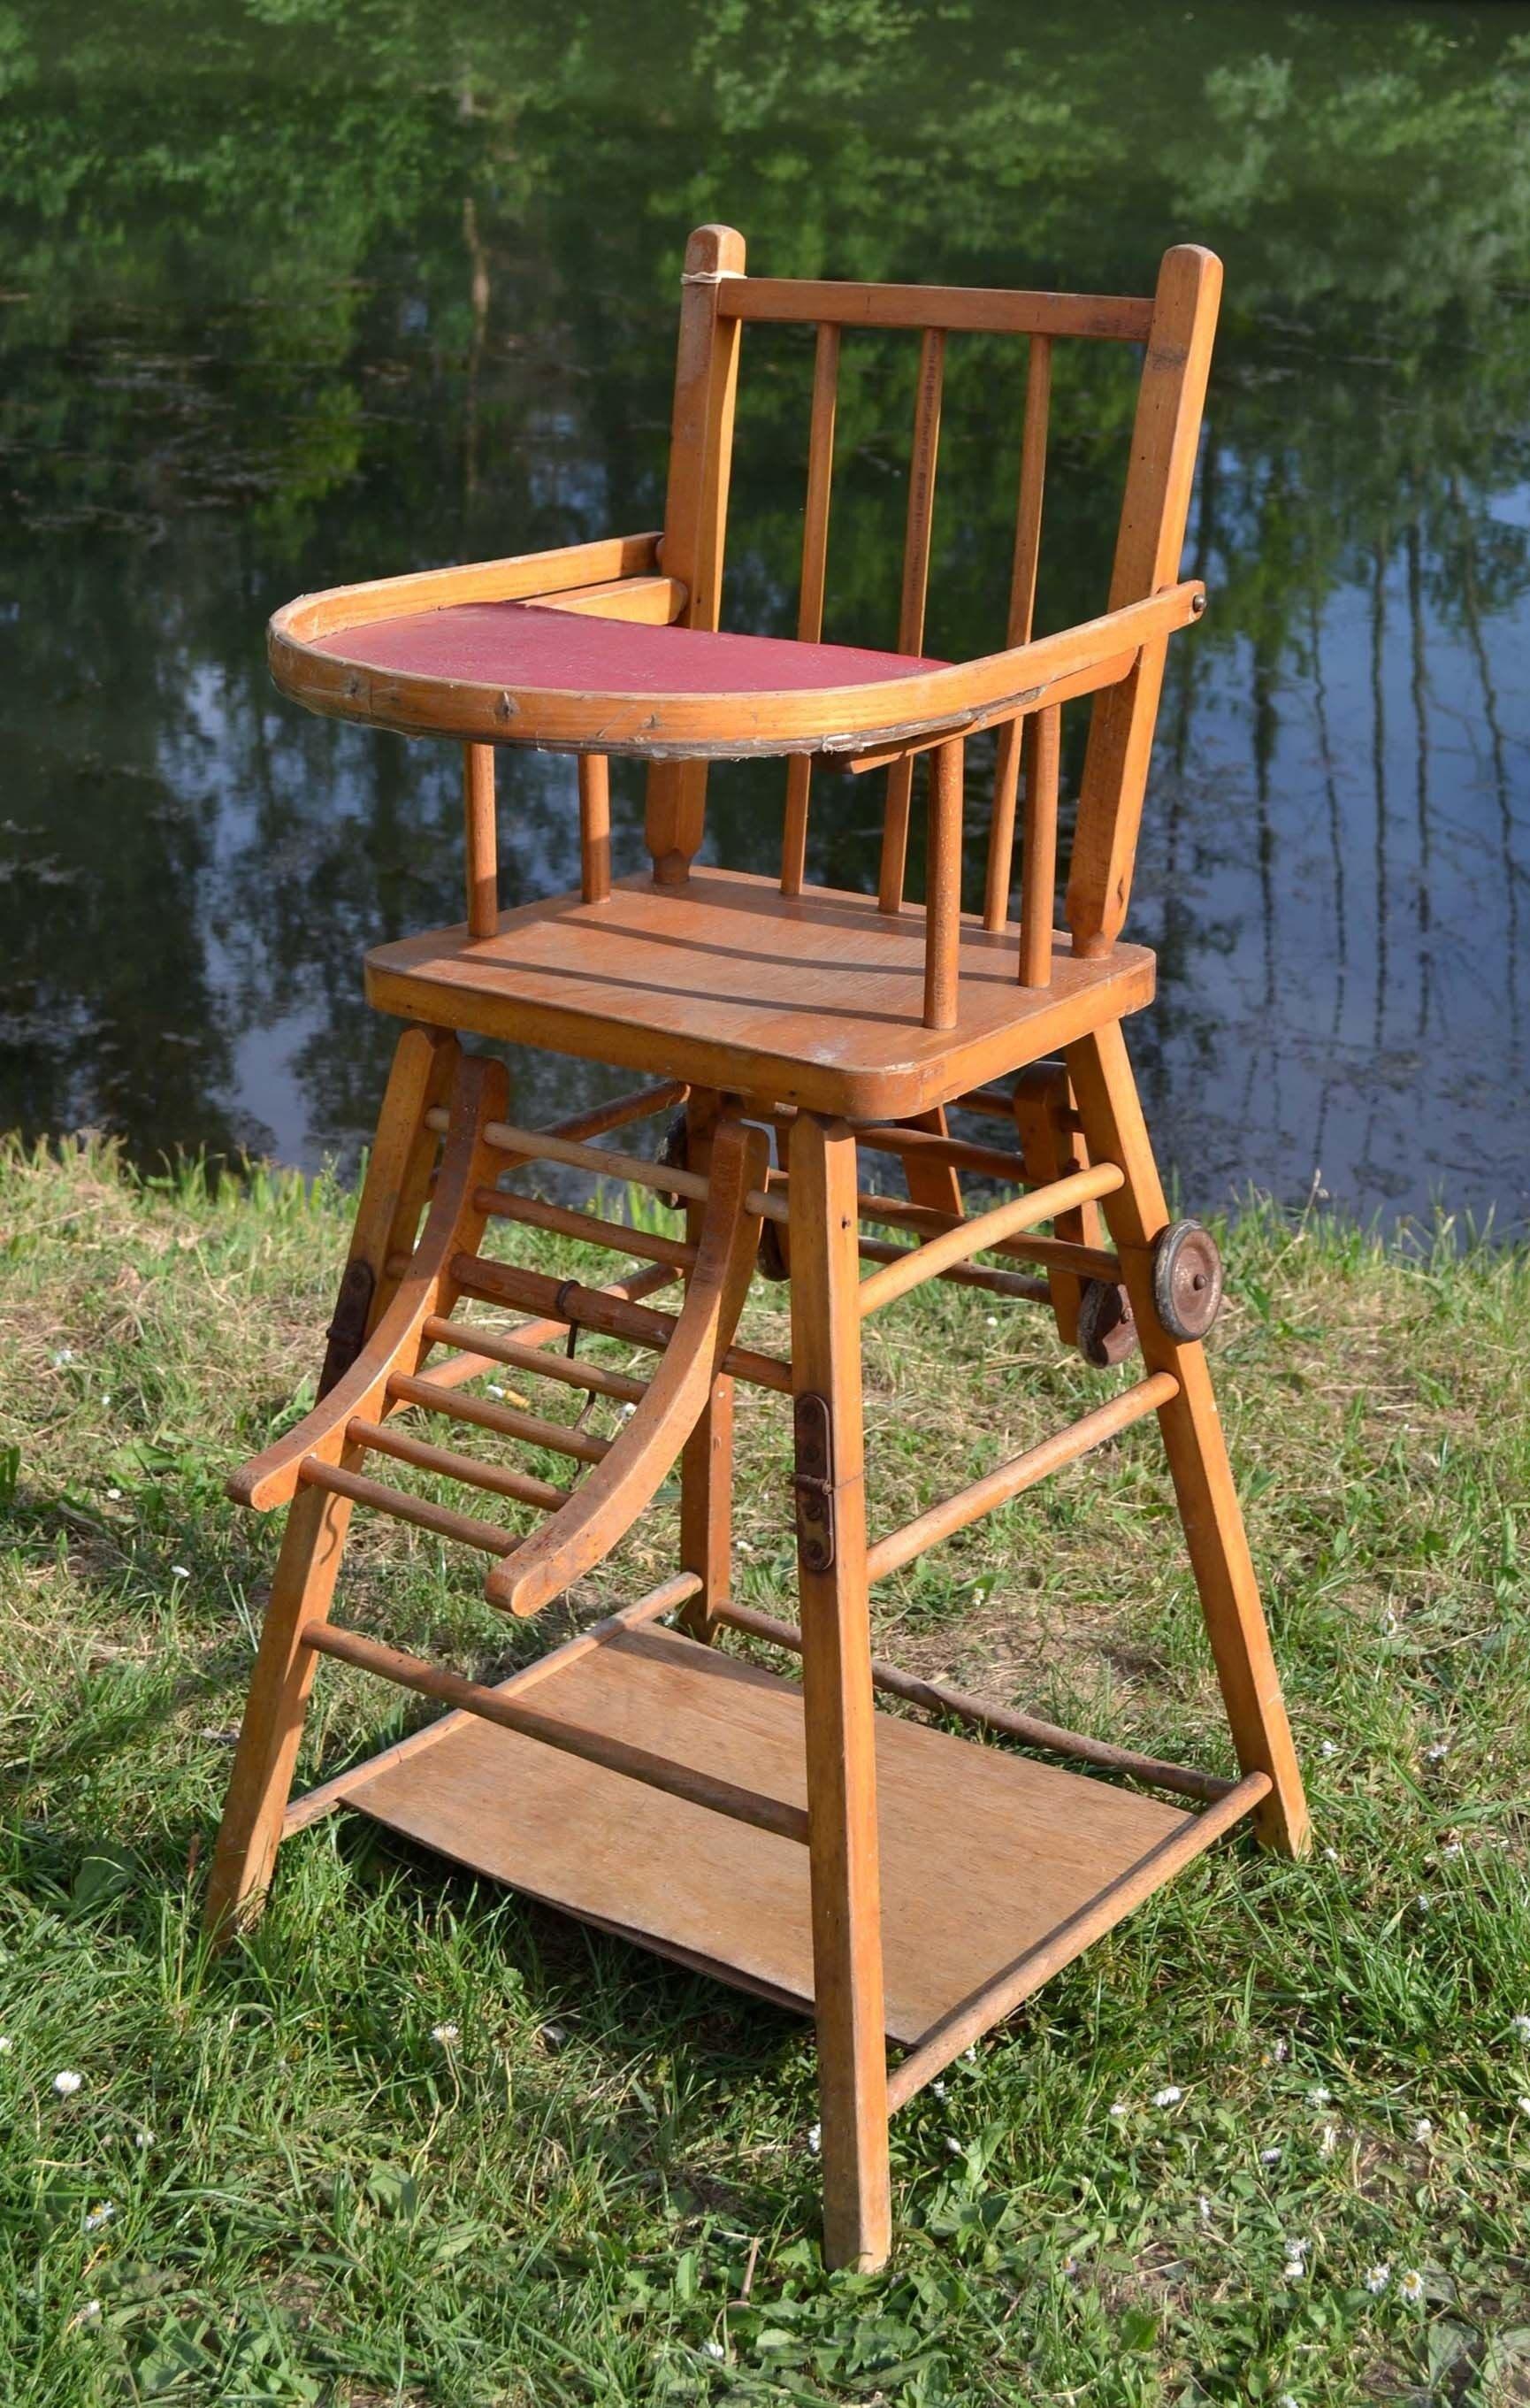 Lit Bébé Bois Naturel Meilleur De Chaise Haute Bébé Ikea Chaise Haute Bébé Pliante Parc B C3 A9b C3 A9